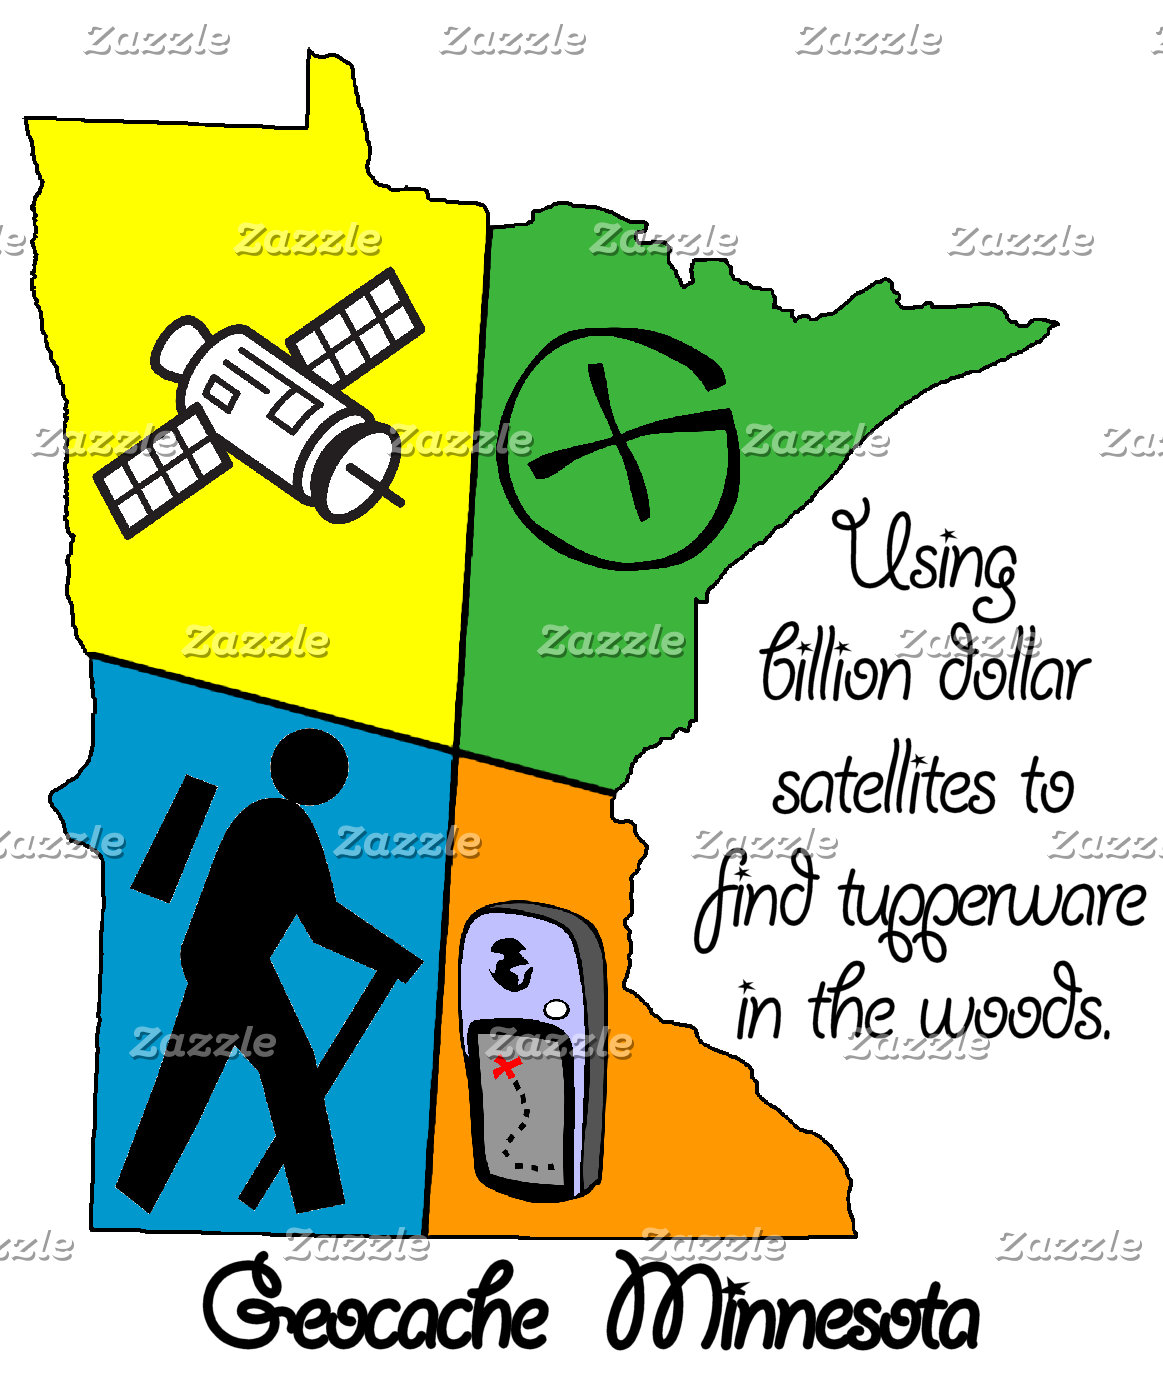 Geocache Minnesota